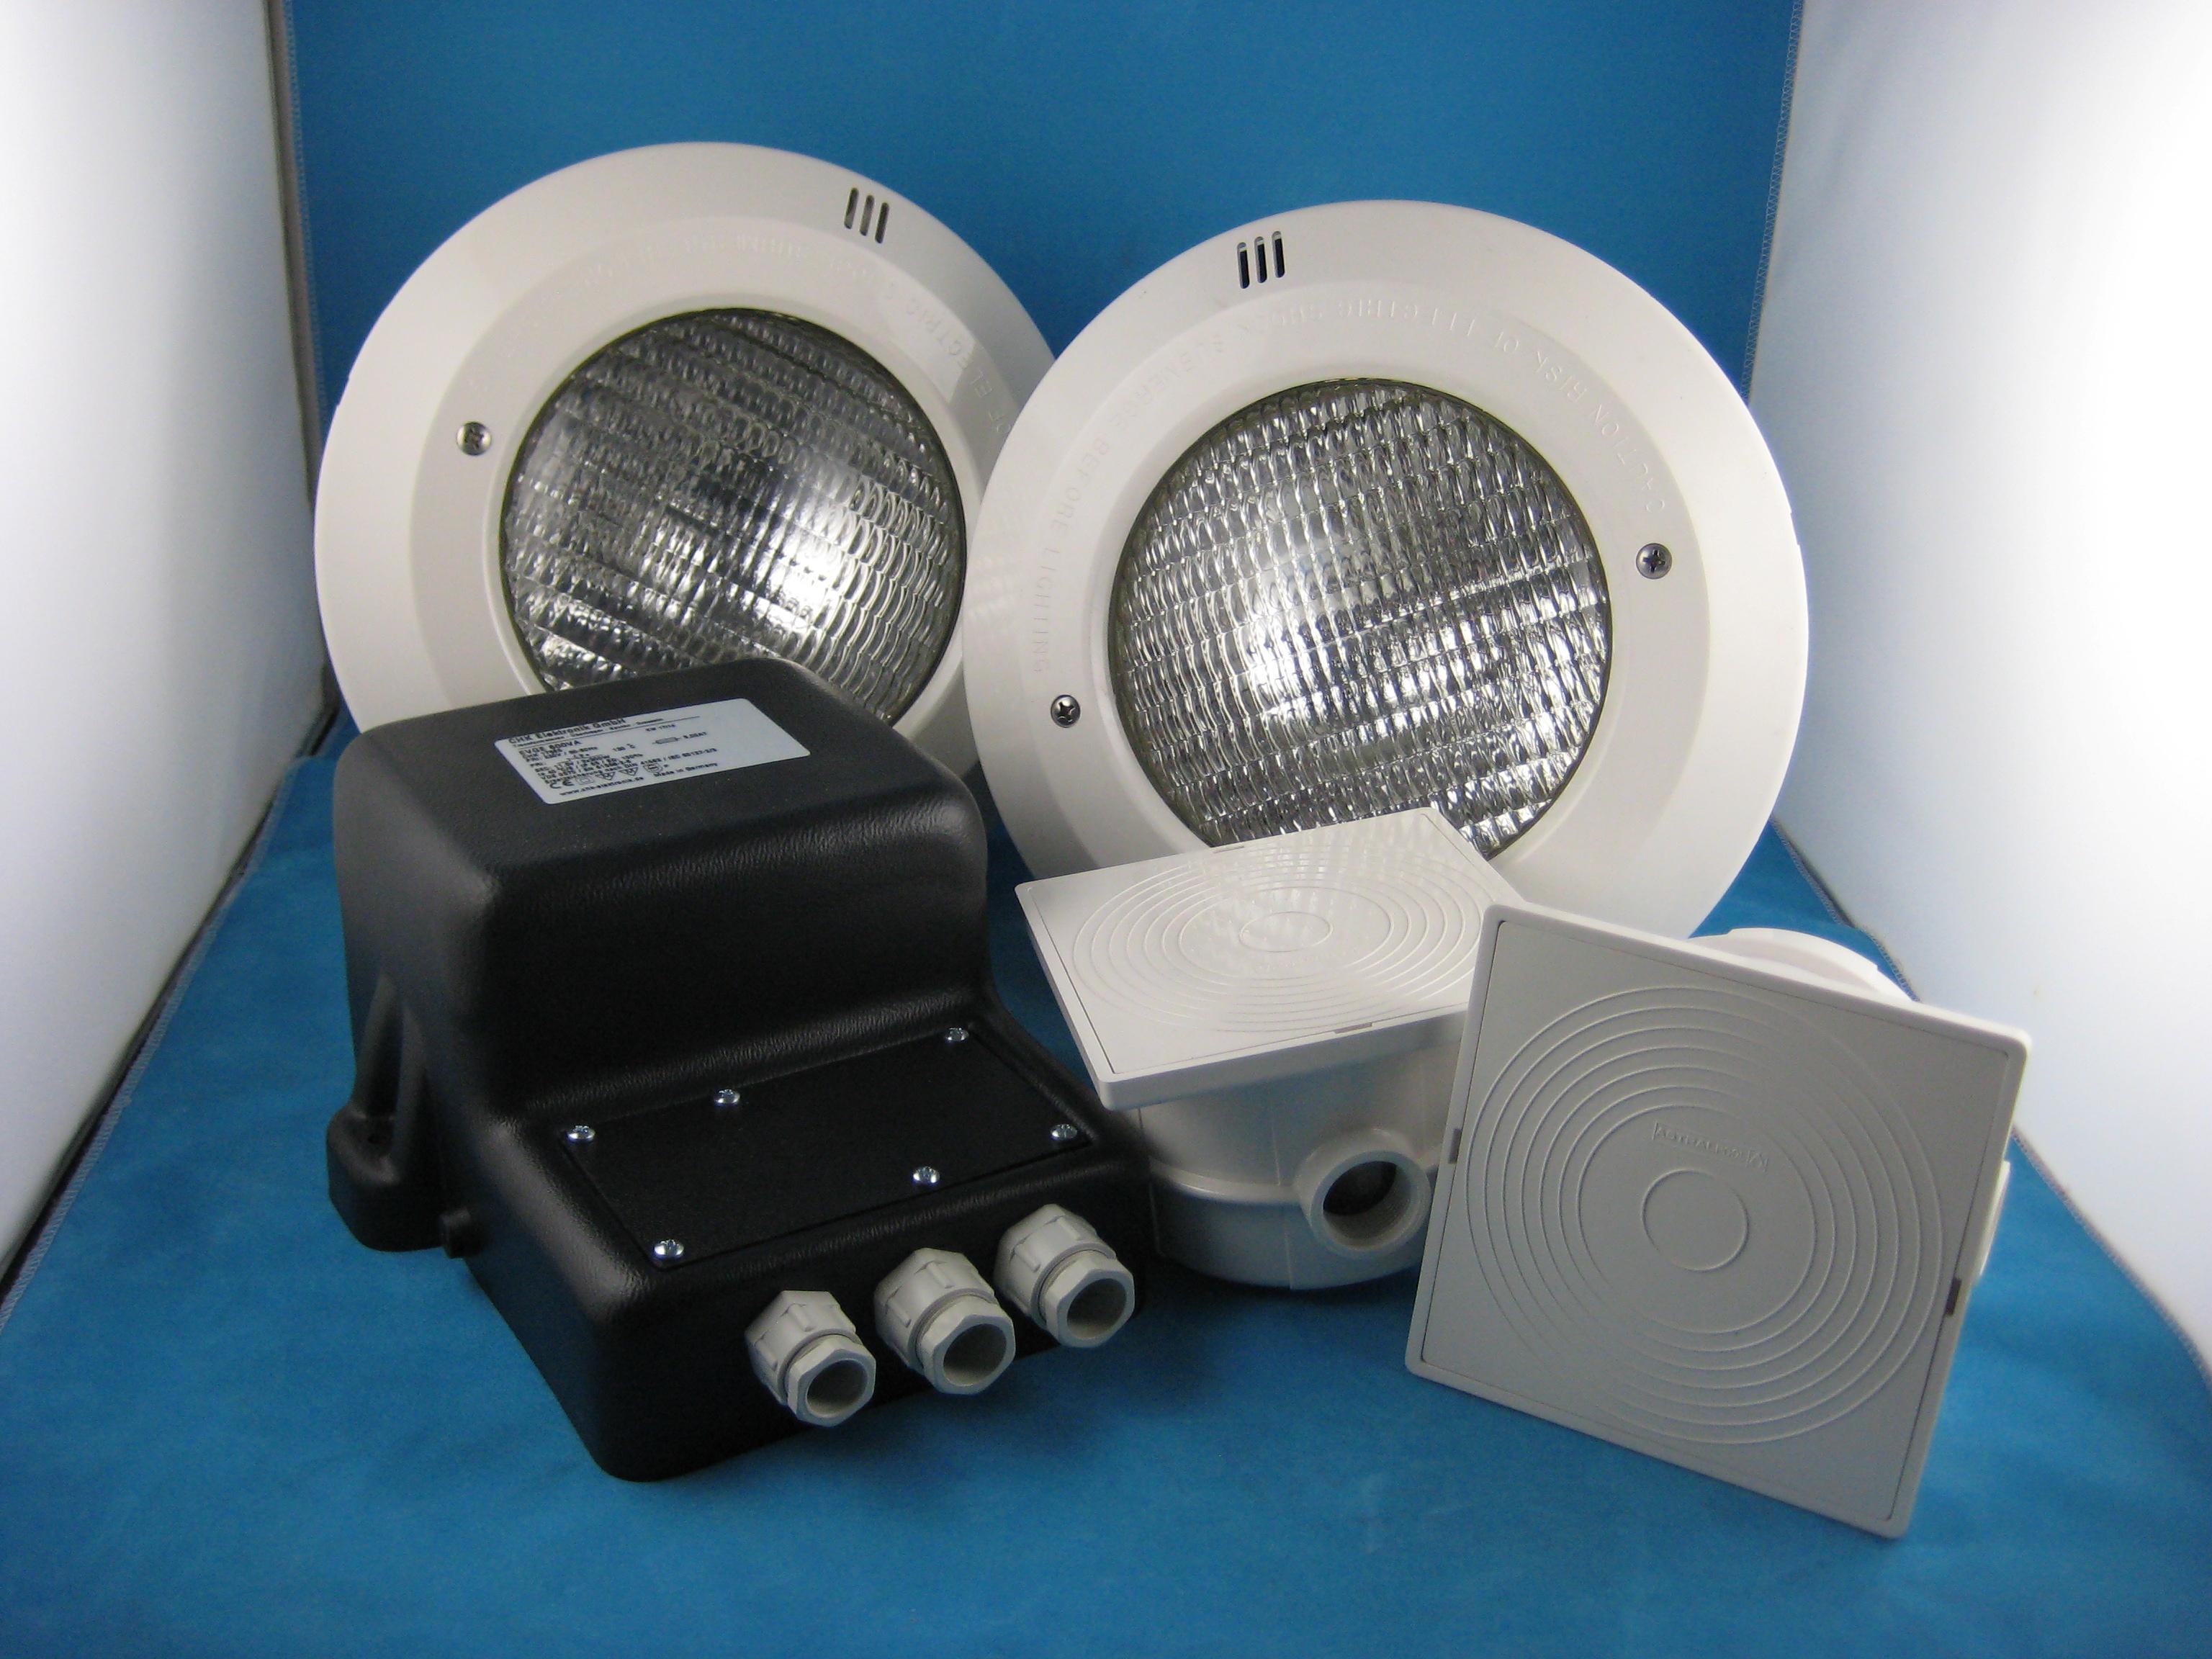 Scheinwerferset 2 - 2x Scheinwerfer 300W + 1x Trafo + 2x Kabeldose